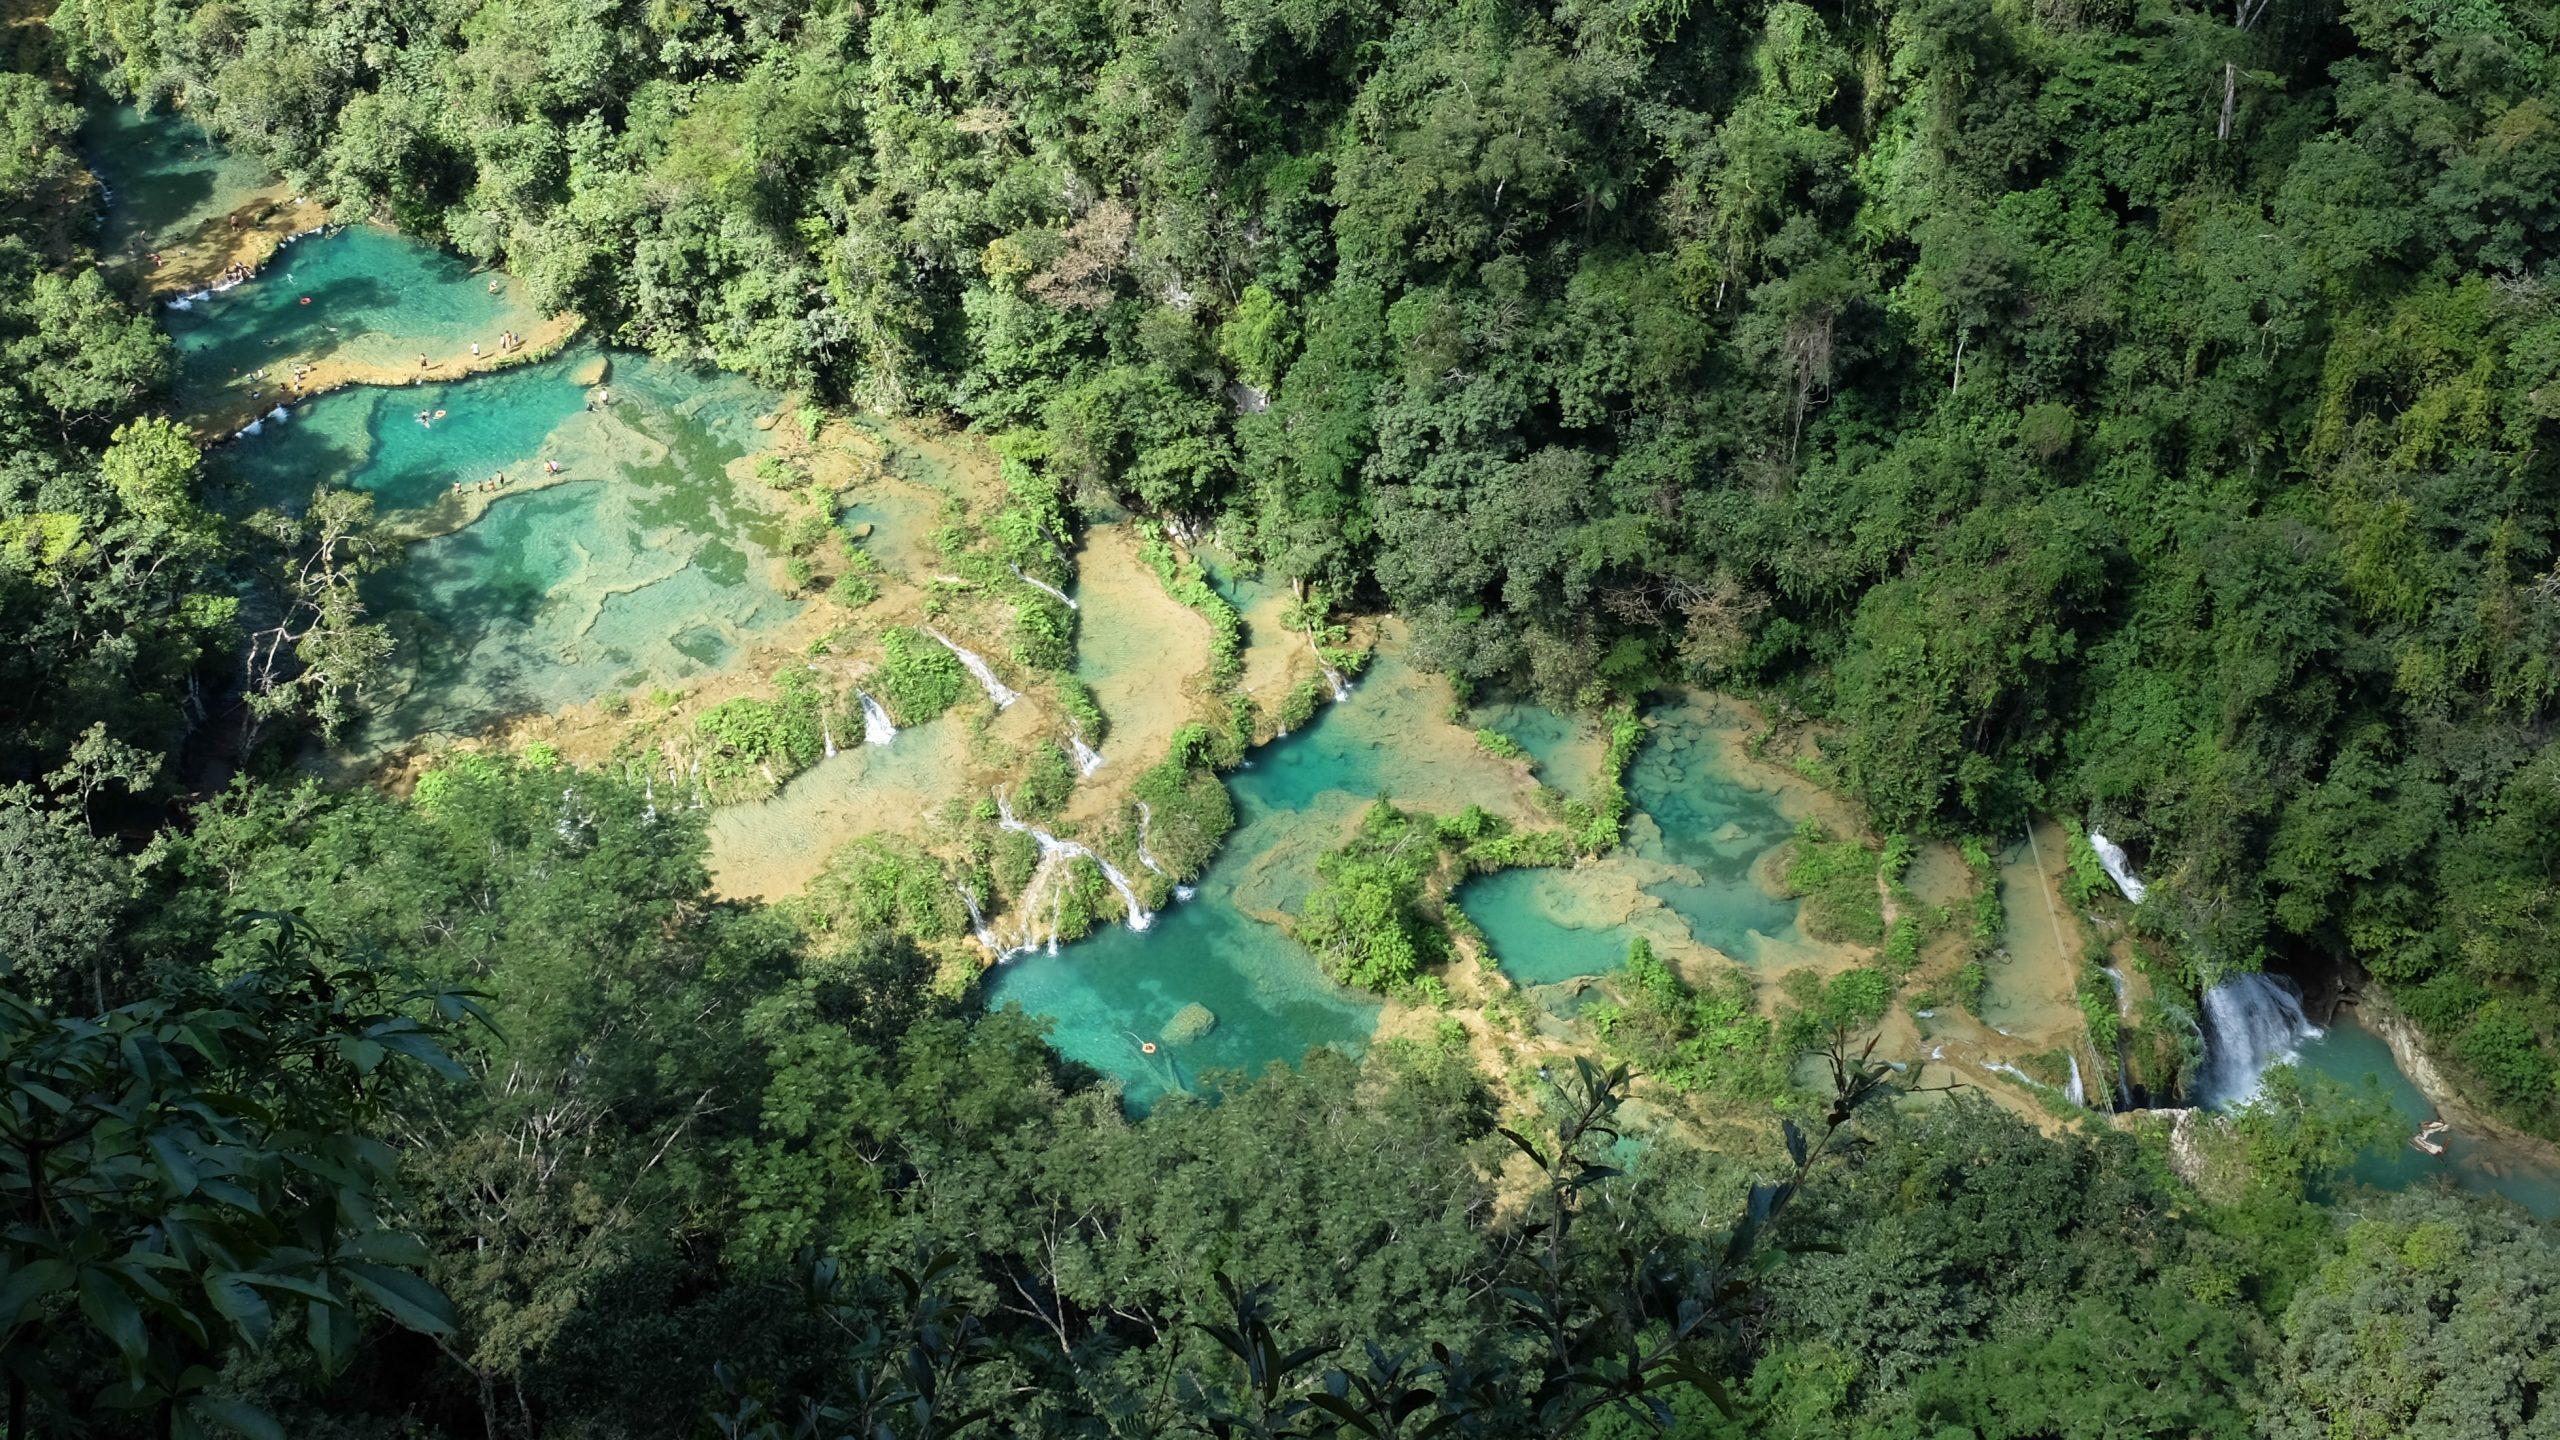 Guatemala land of trees passport